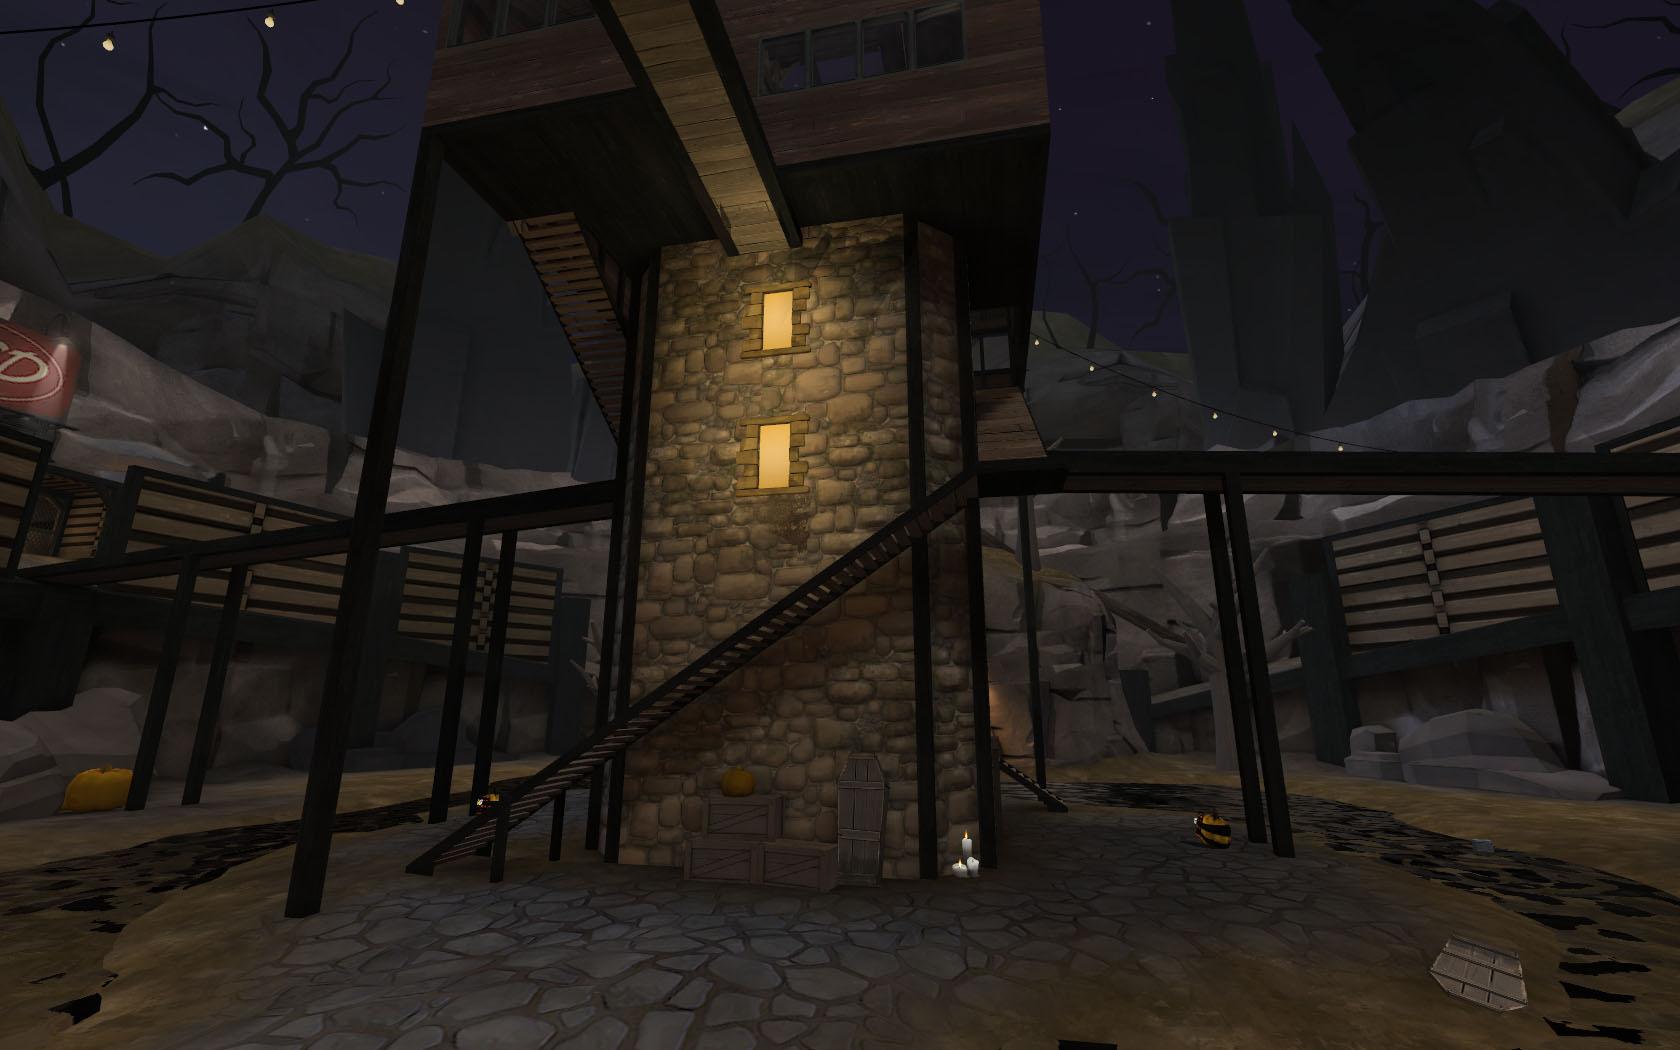 arena_watchtower_event0011.jpg